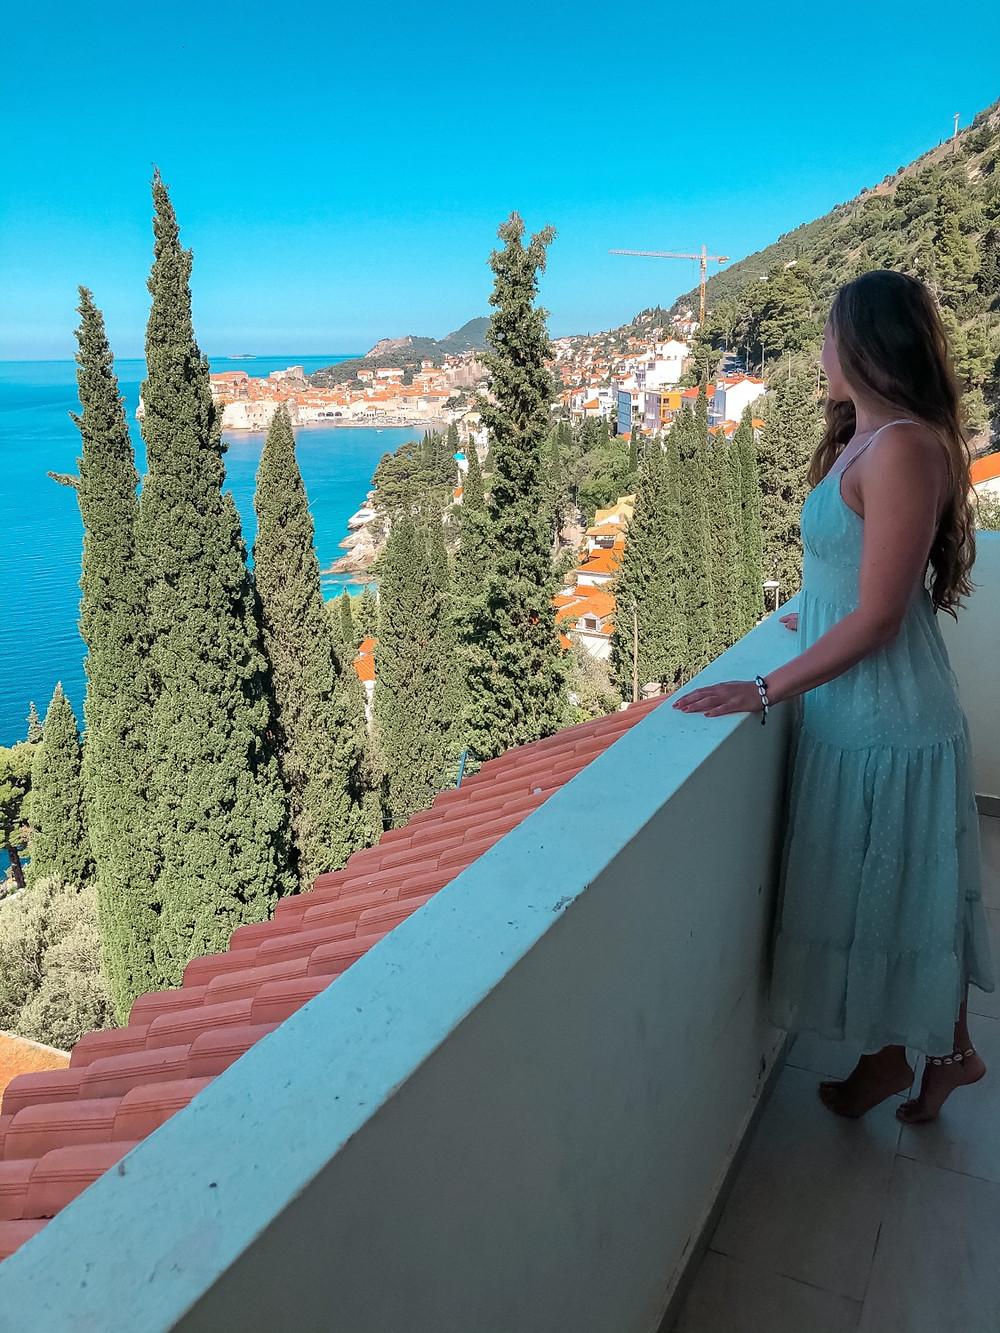 Dubrovnik-unterkunft-sehenswertes-reisebericht-altstadt